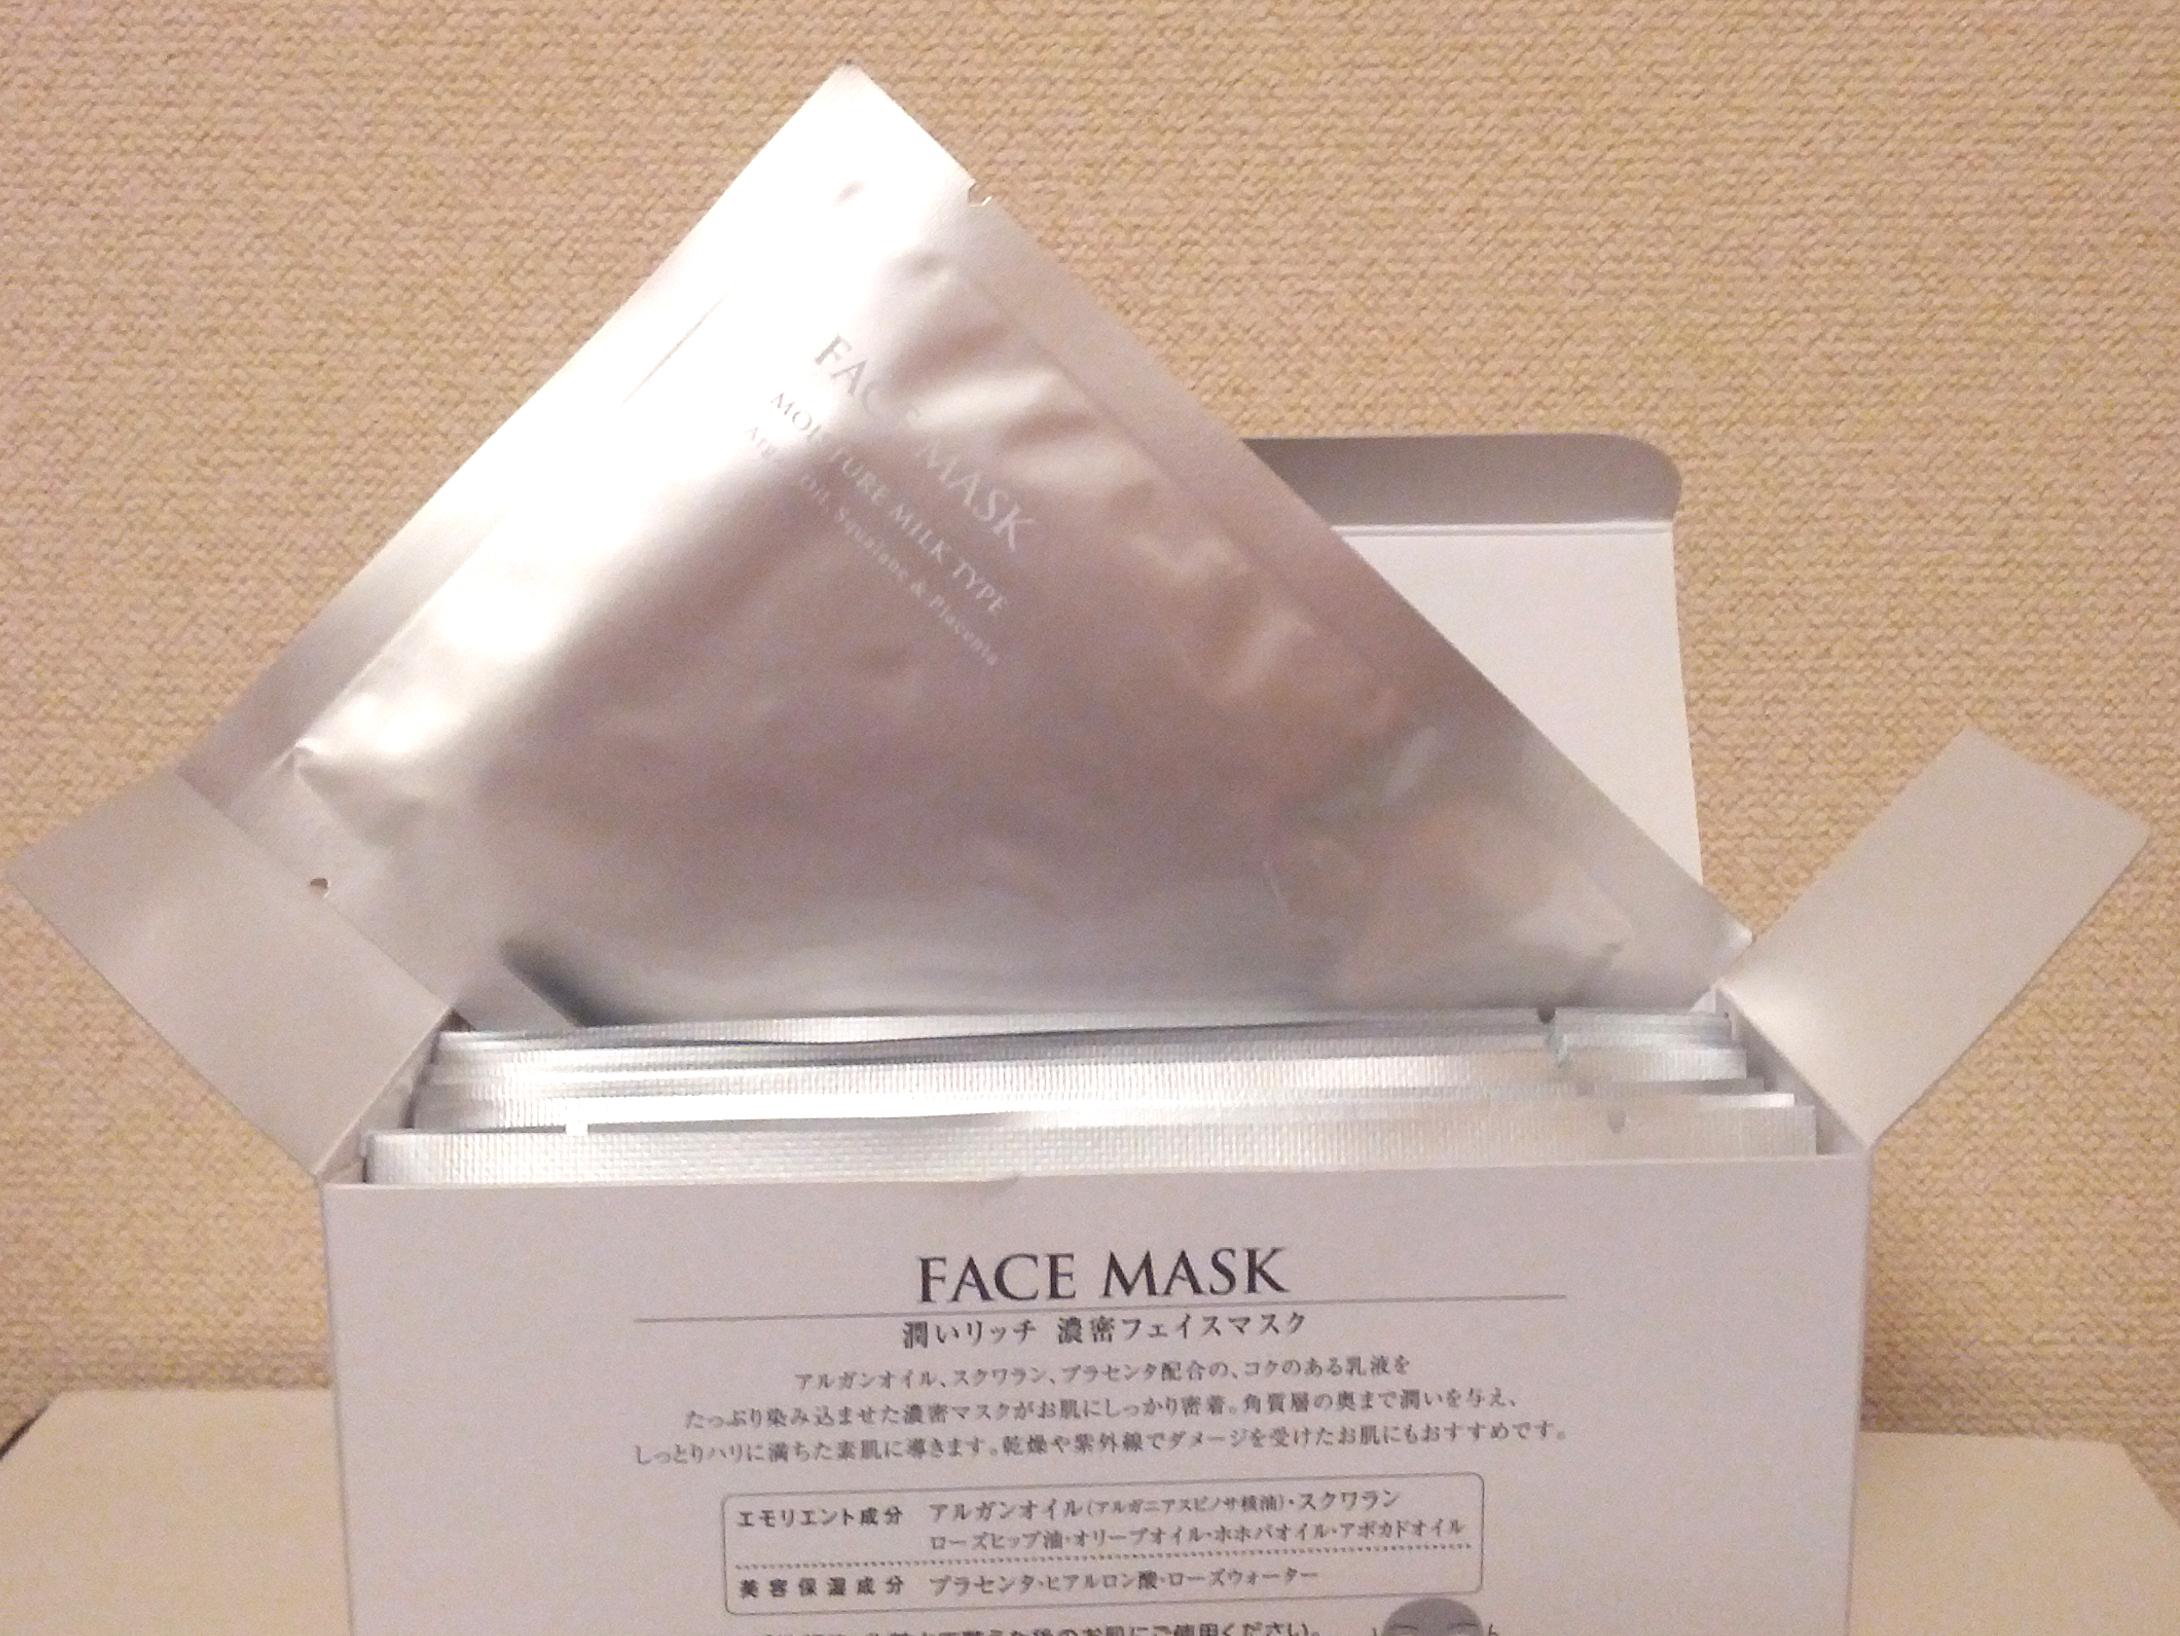 ハンズメッセで買ったコスメプロ乳液マスク